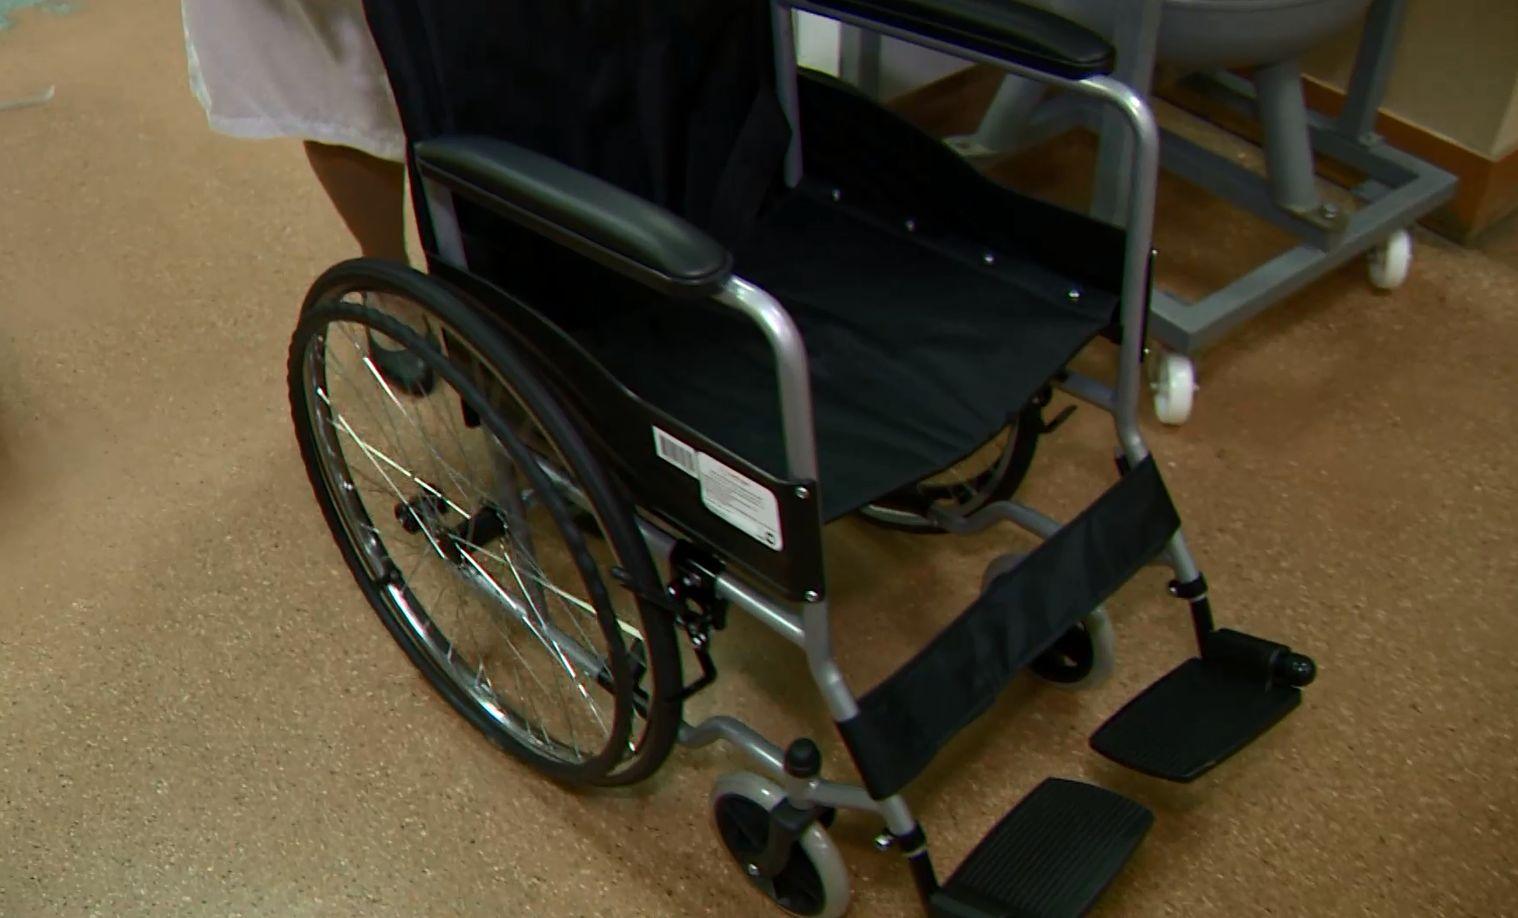 Зампред Ярославской облдумы Николай Александрычев безвозмездно передал в больницу №9 Ярославля четыре кресла-коляски